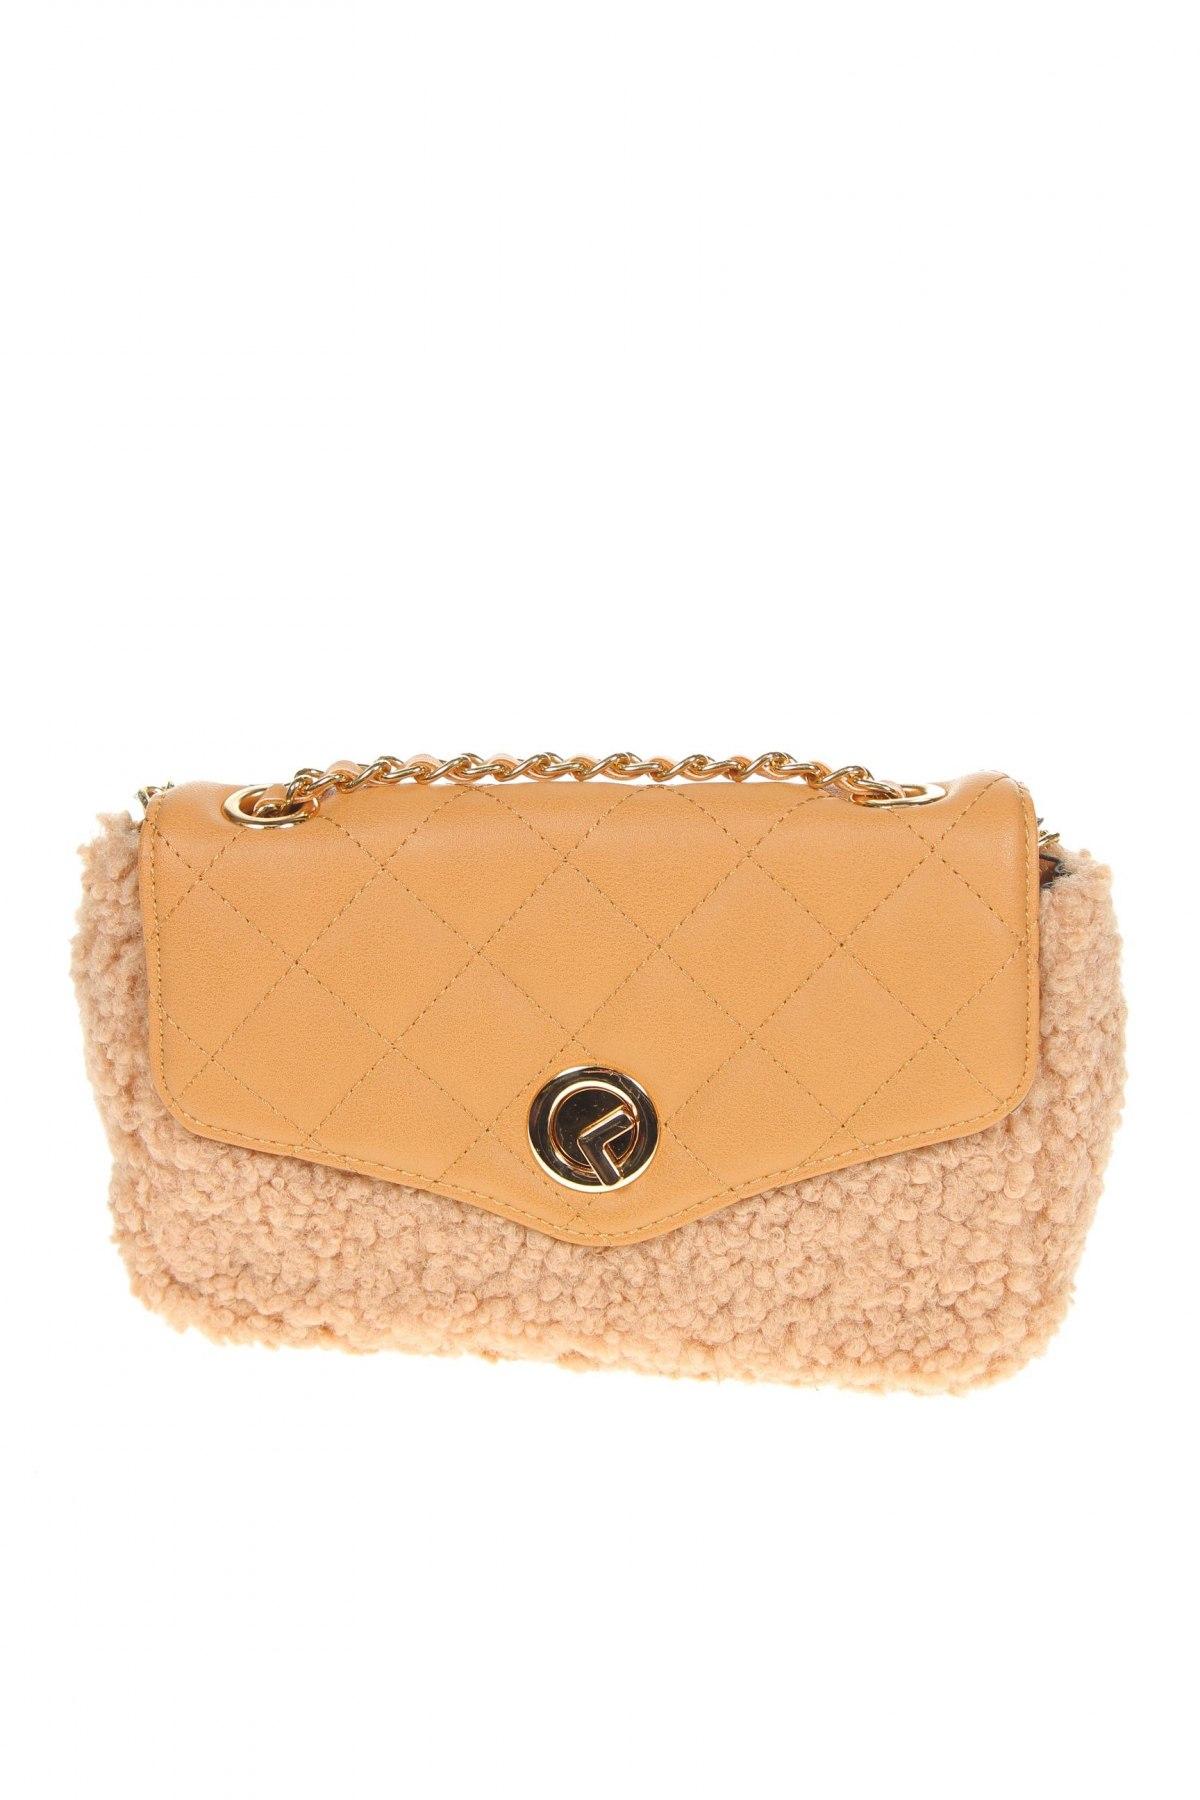 Дамска чанта Verde, Цвят Бежов, Текстил, еко кожа, Цена 25,37лв.